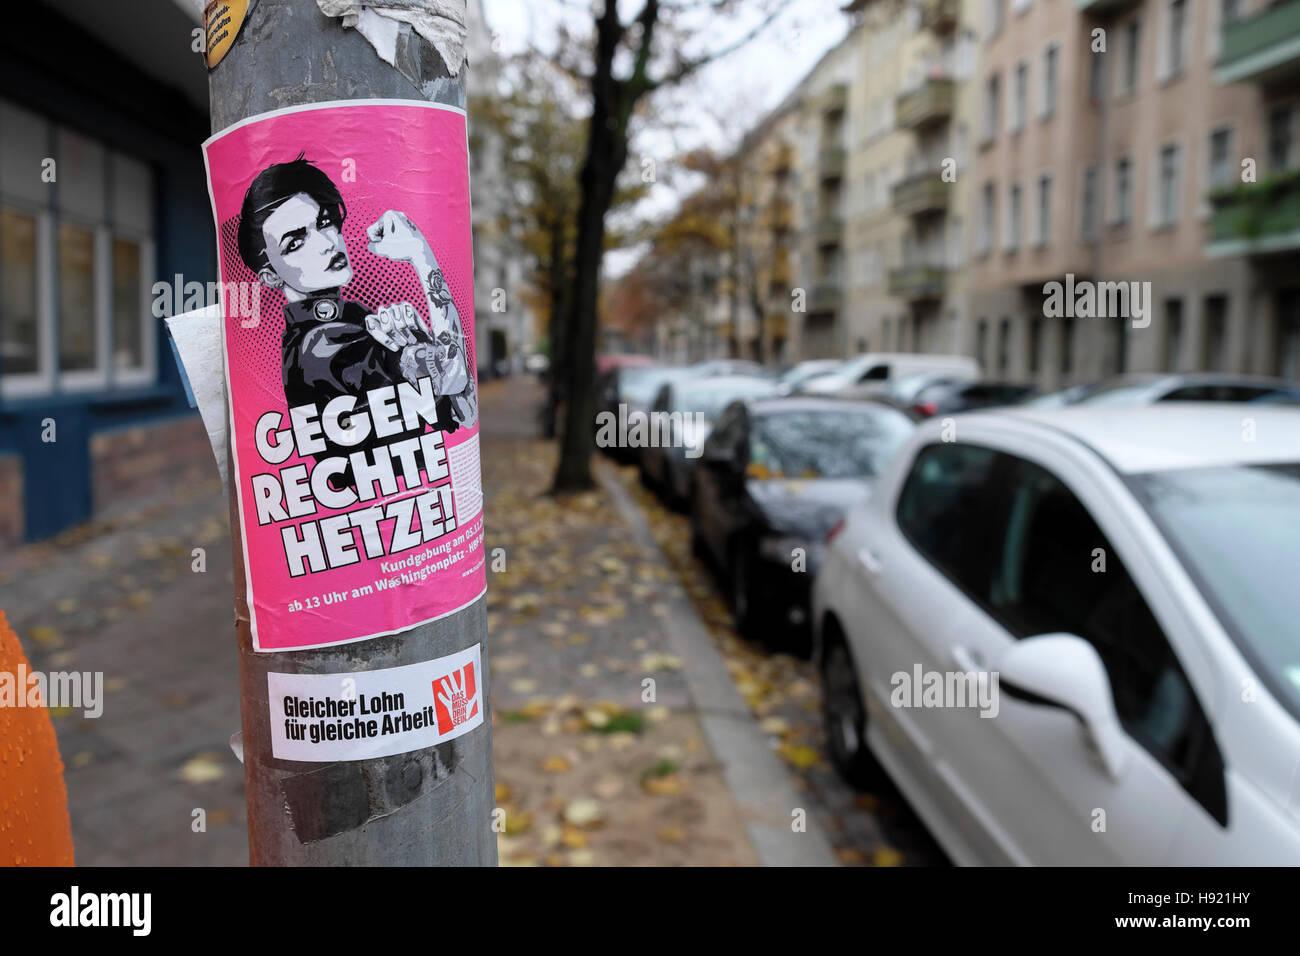 Anti Fascism Anti Nazi Anti Racism poster GEGEN RECHTE HETZE! in November 2016 Prenzlauer Berg, Berlin Germany  - Stock Image